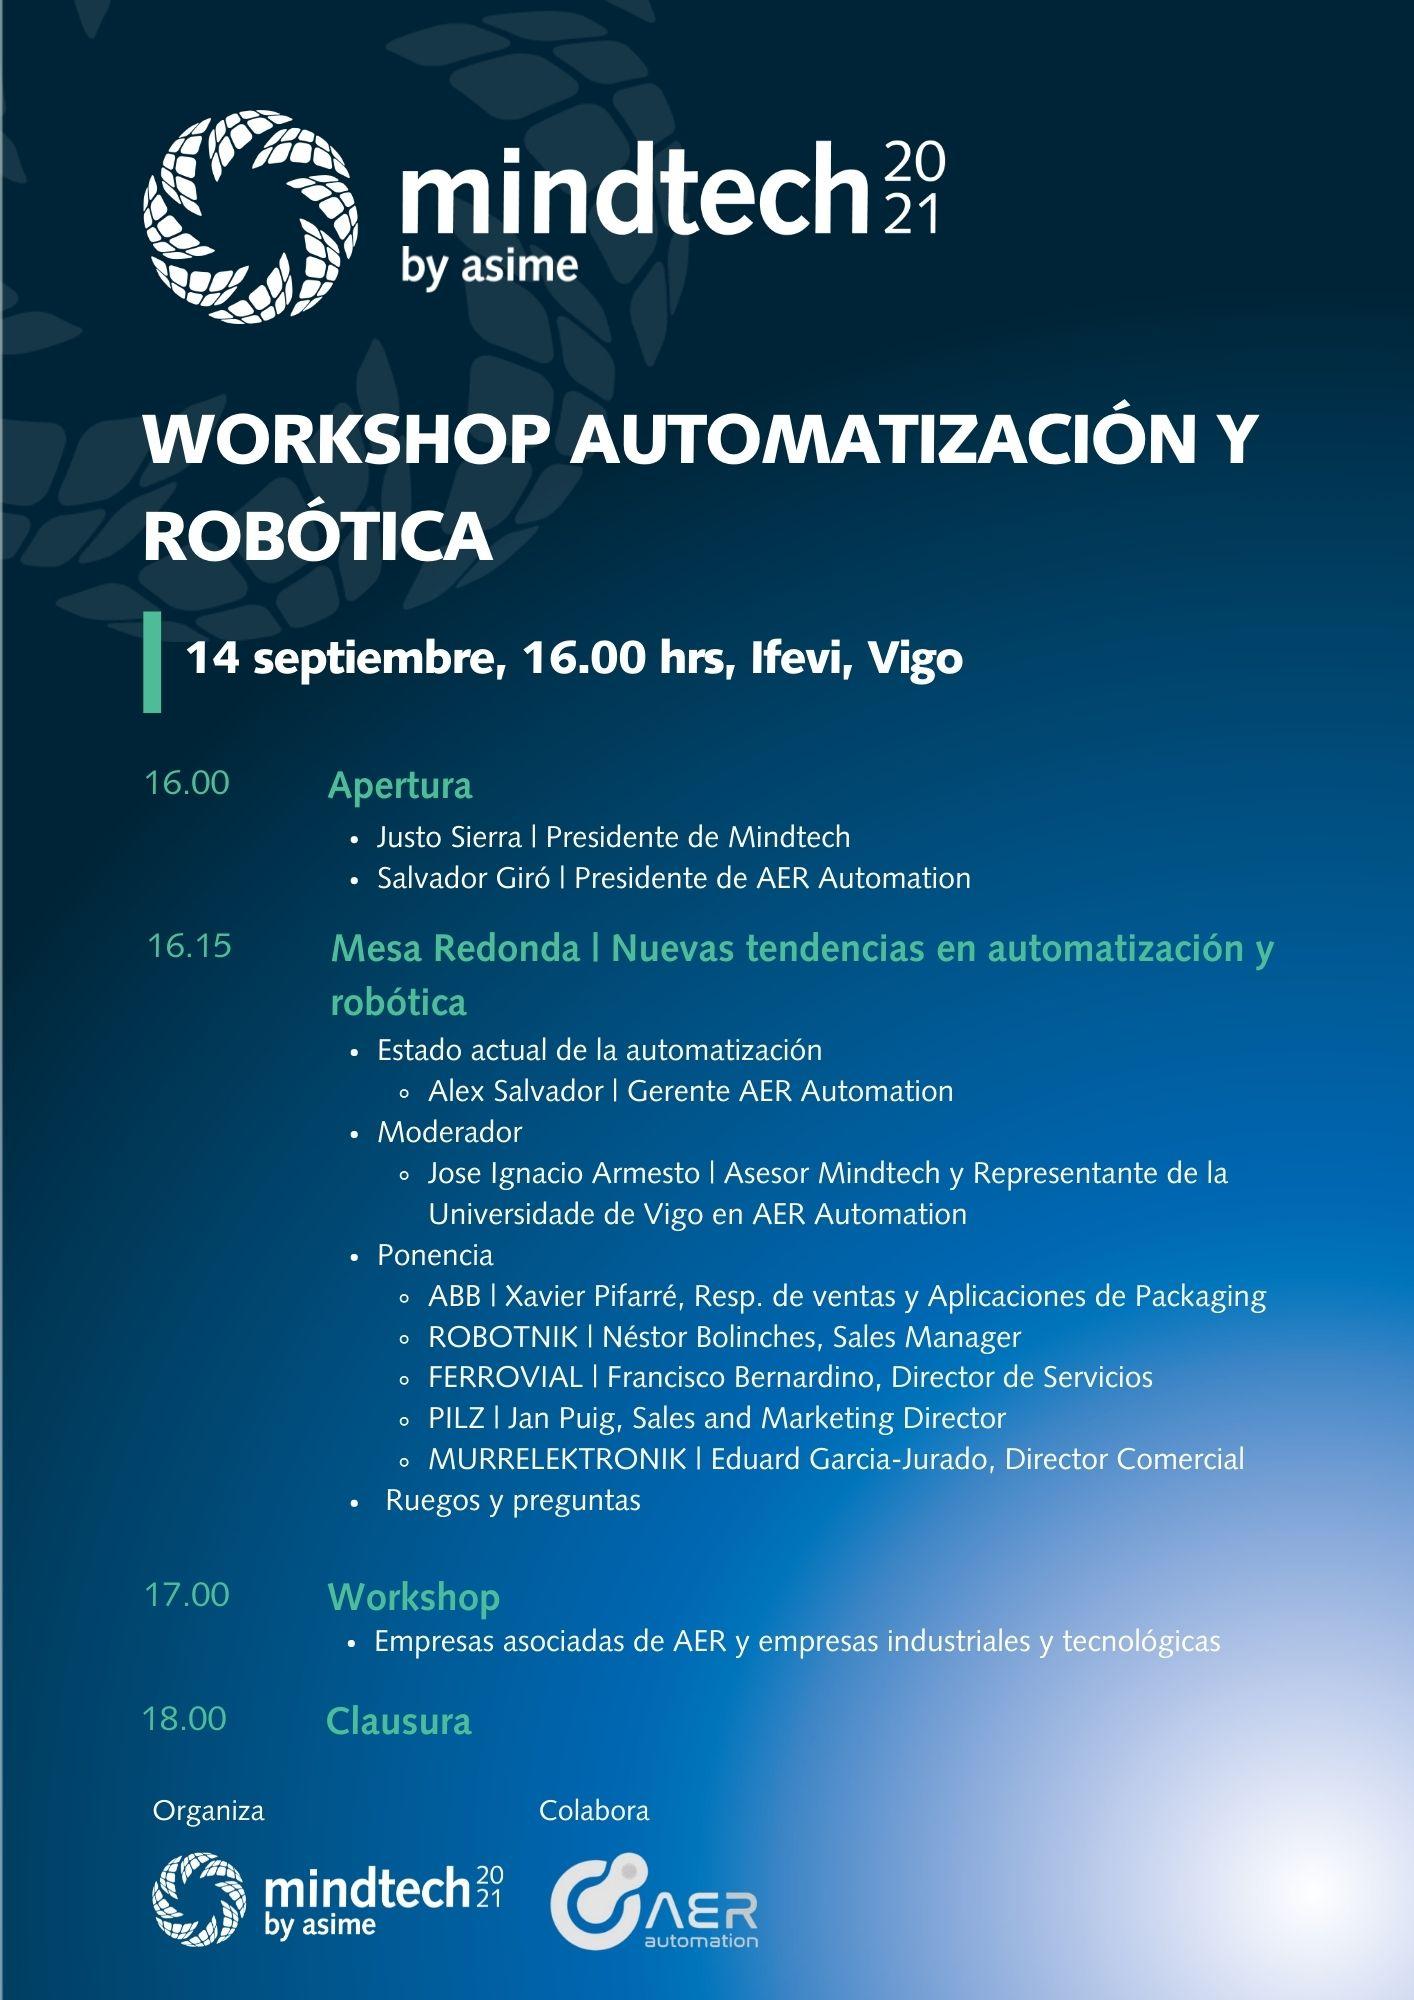 Workshop AutomatizaciÓn Y Robotica